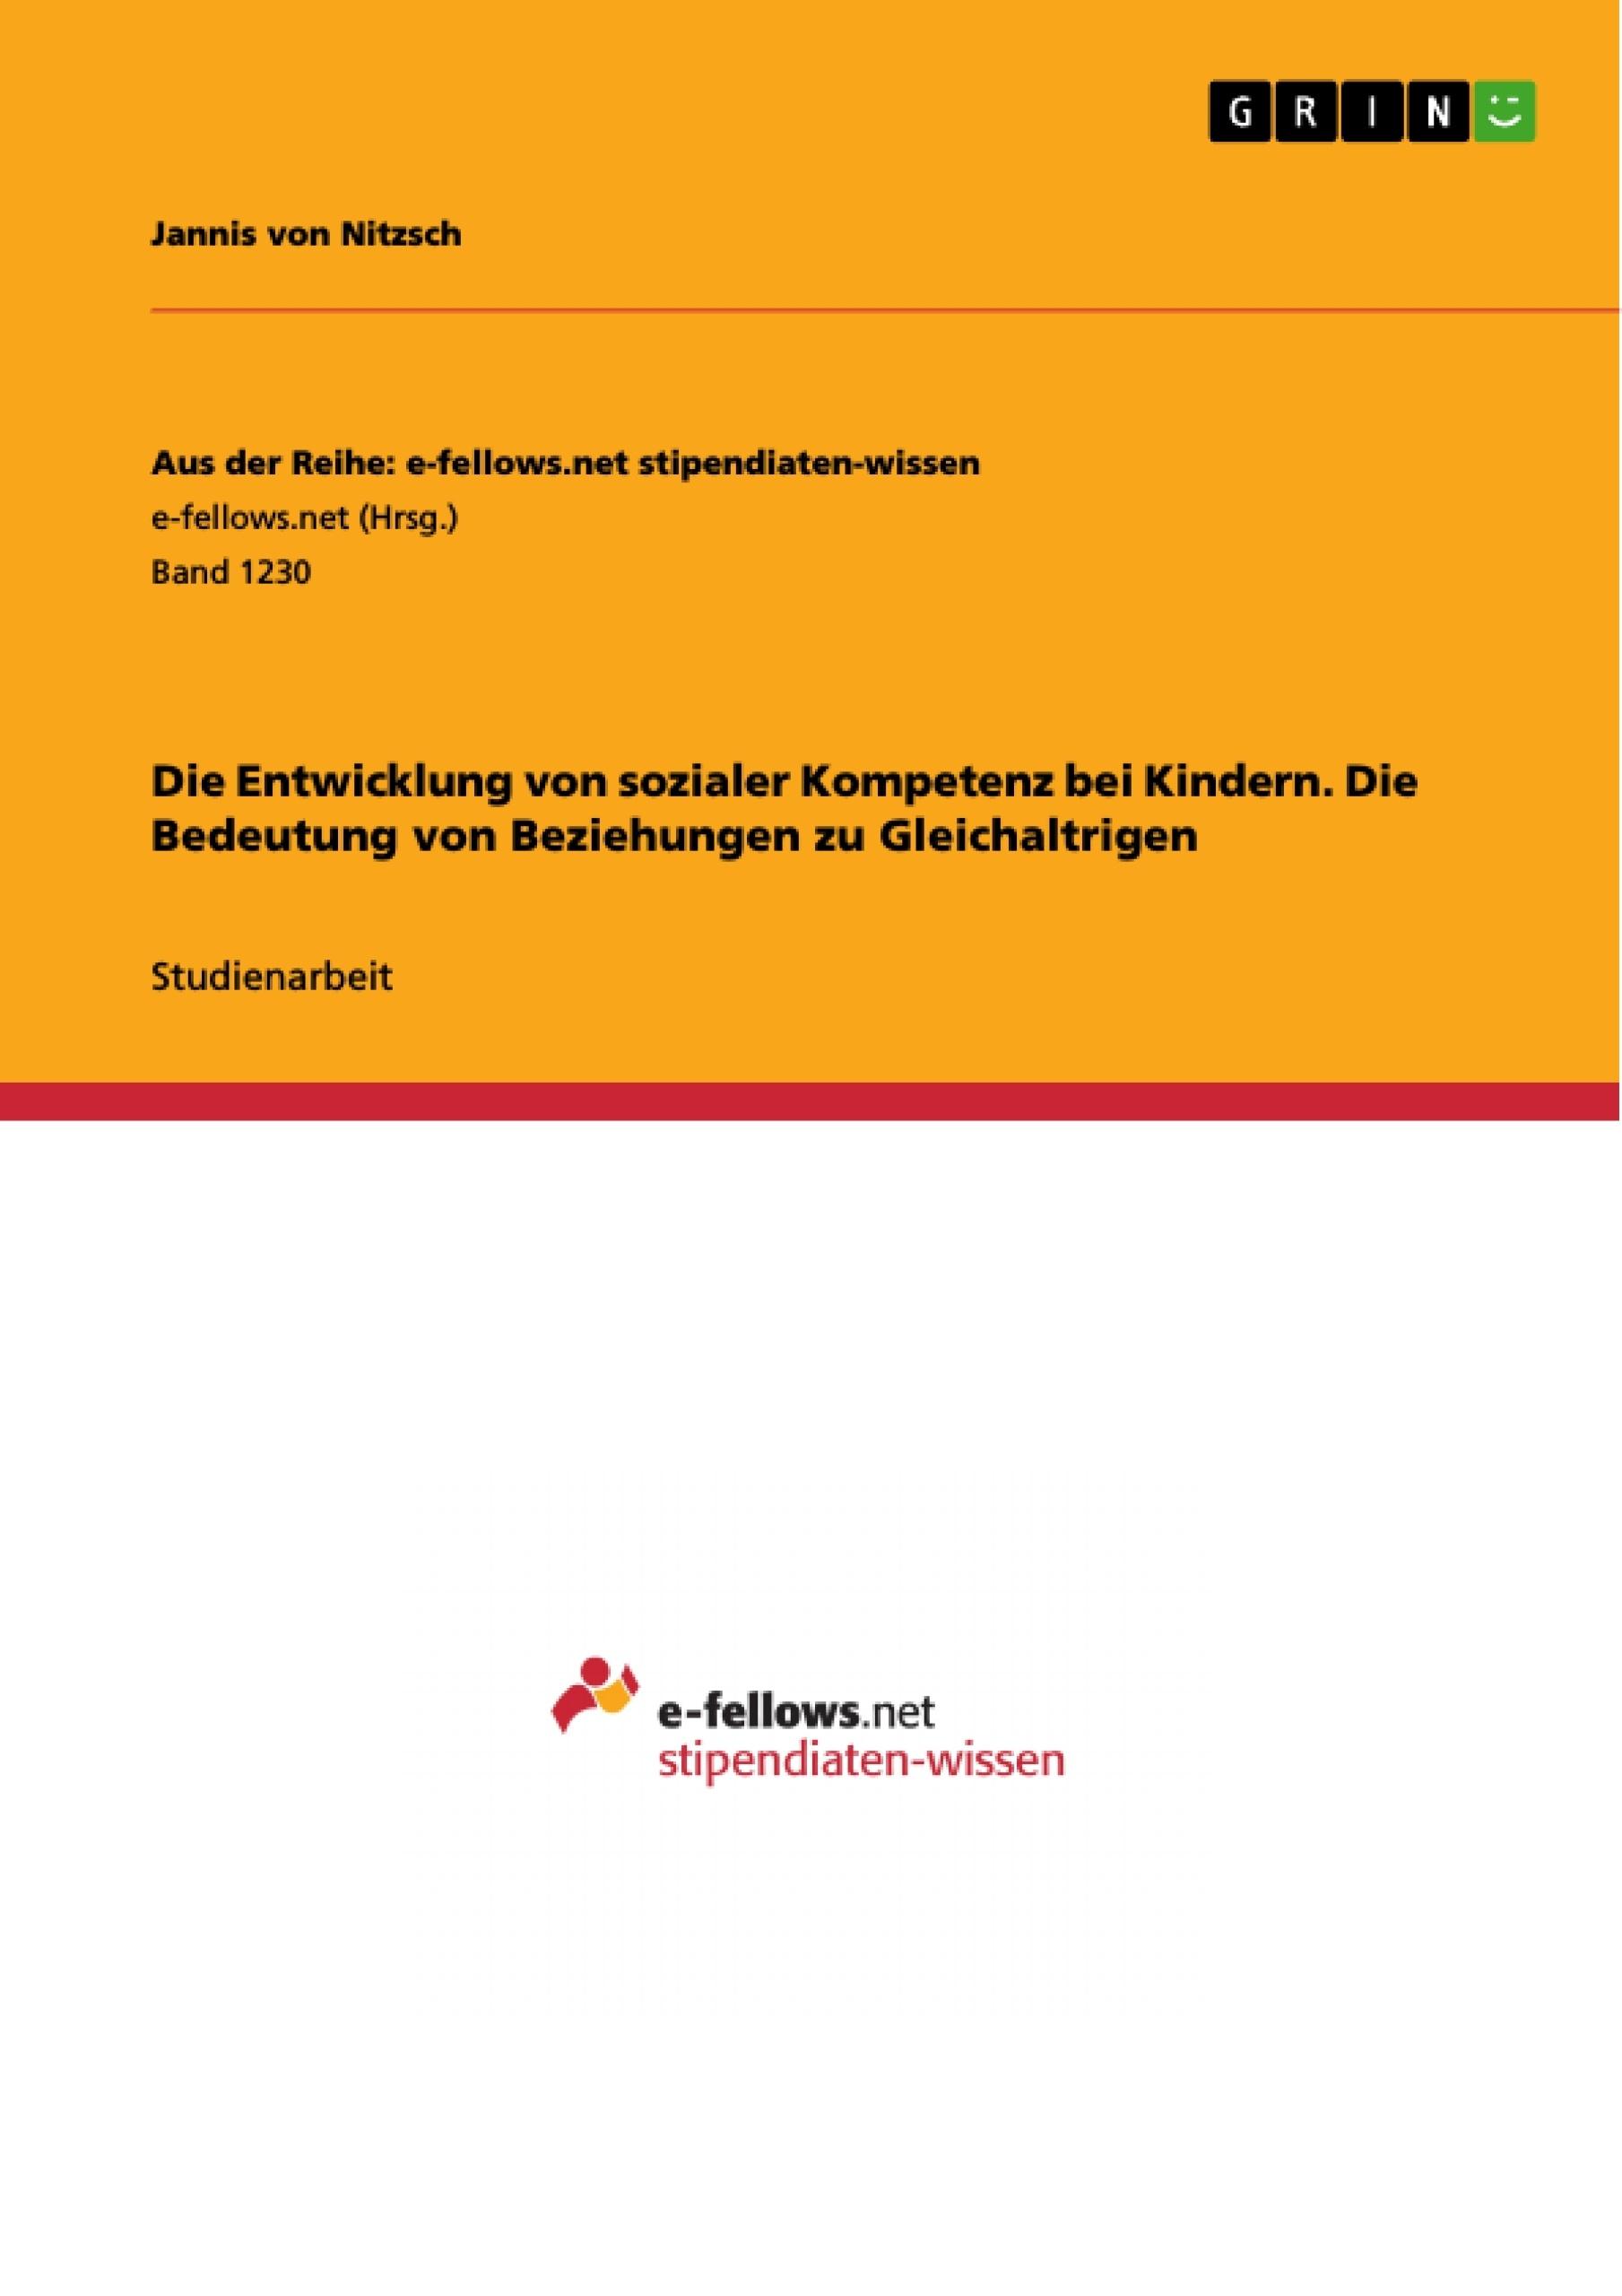 Titel: Die Entwicklung von sozialer Kompetenz bei Kindern. Die Bedeutung von Beziehungen zu Gleichaltrigen